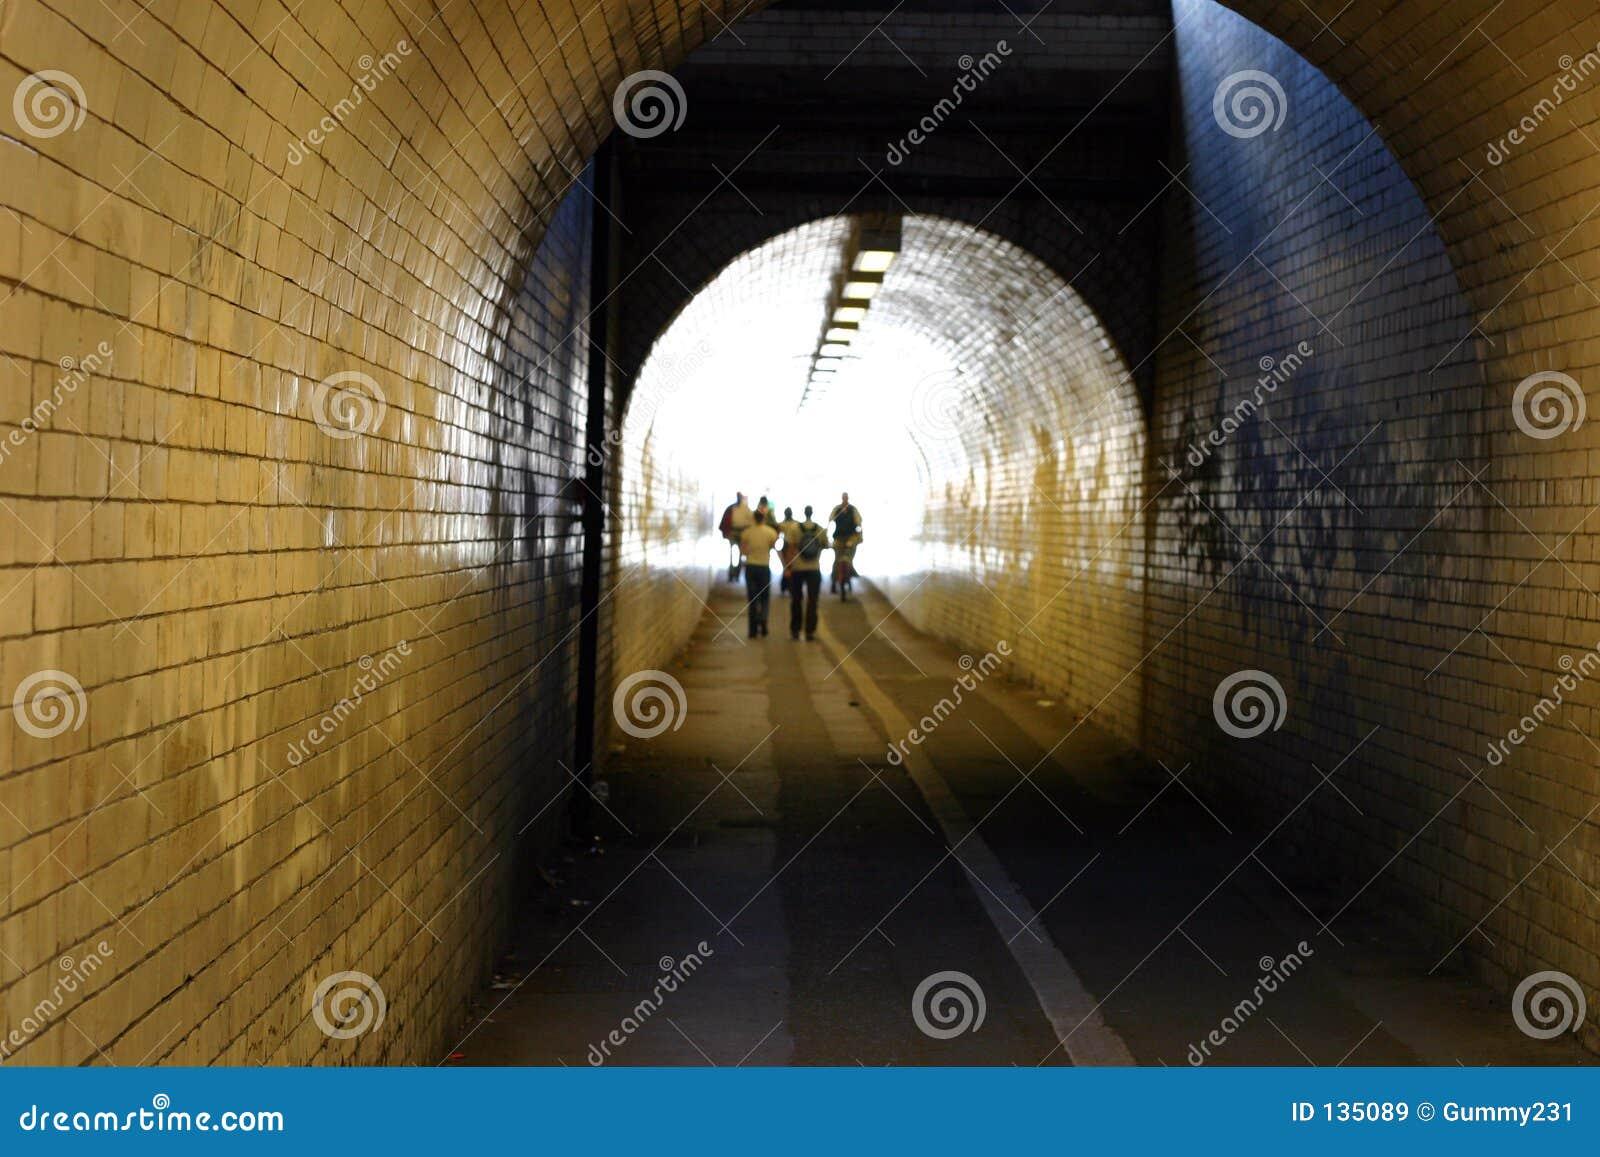 Mit Ziegeln gedeckter Tunnel